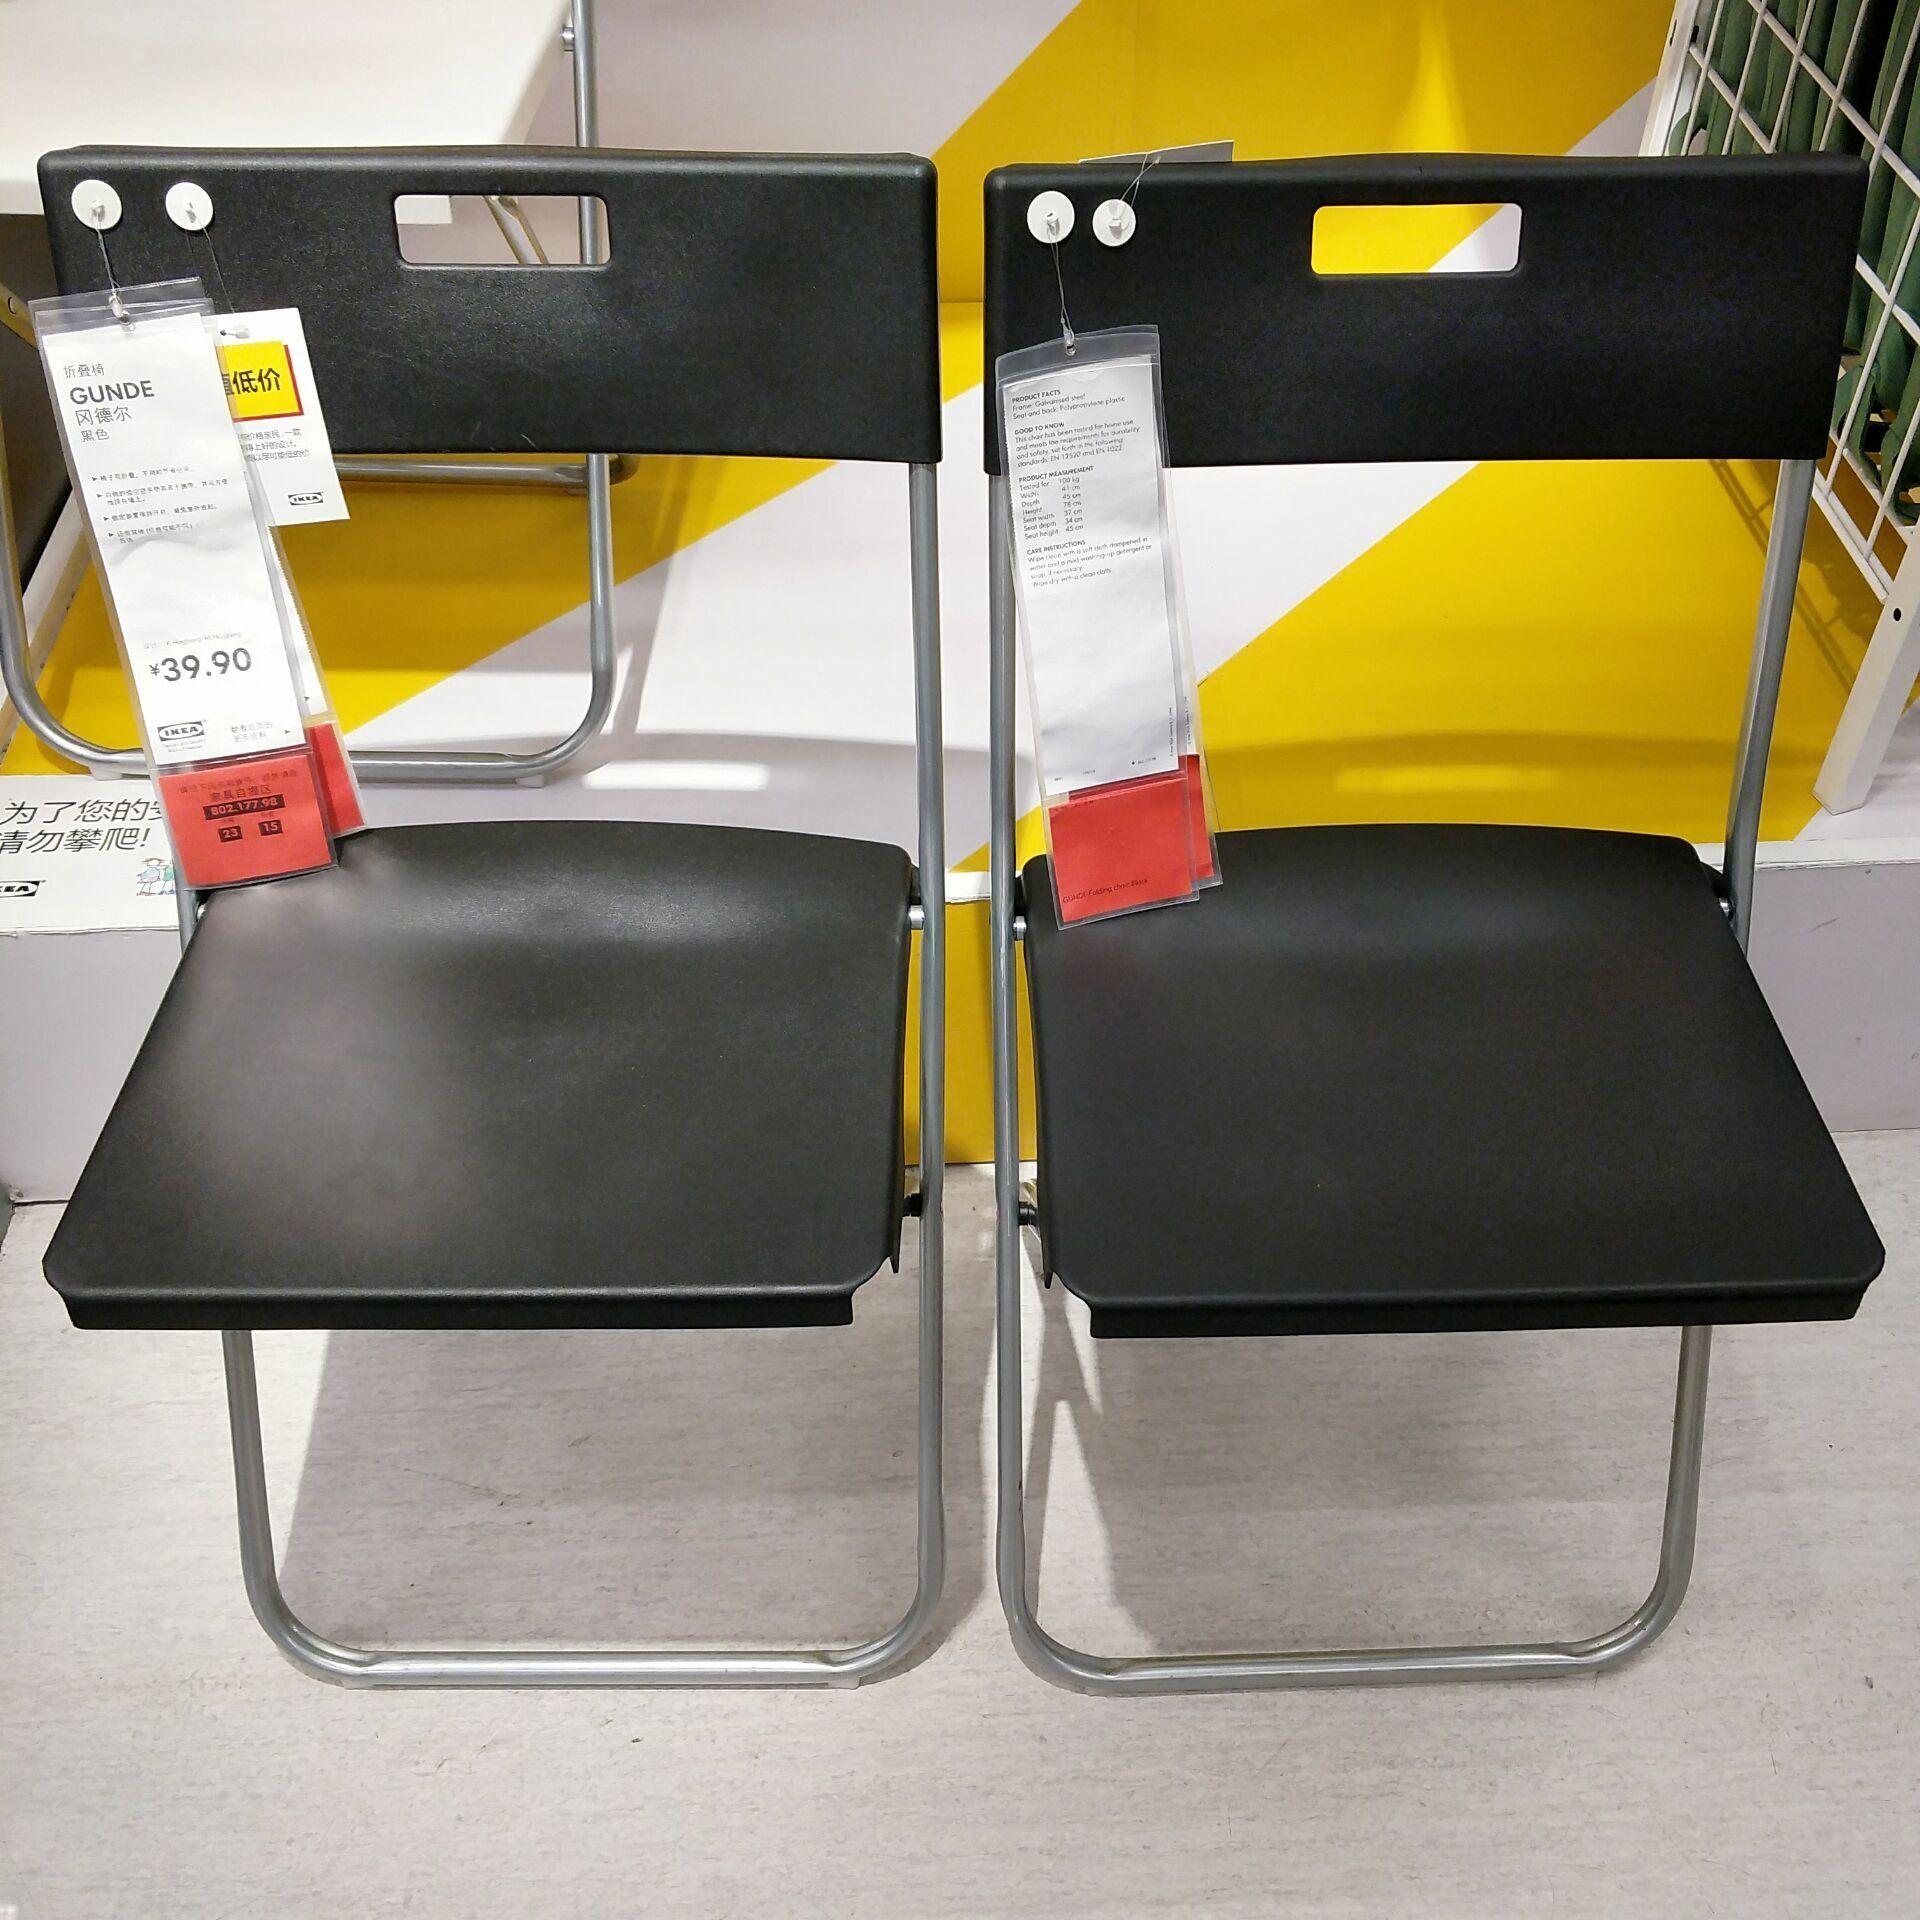 3宜家国内代购冈德尔IKEA折叠椅办公休闲电脑椅子会议培训椅餐椅